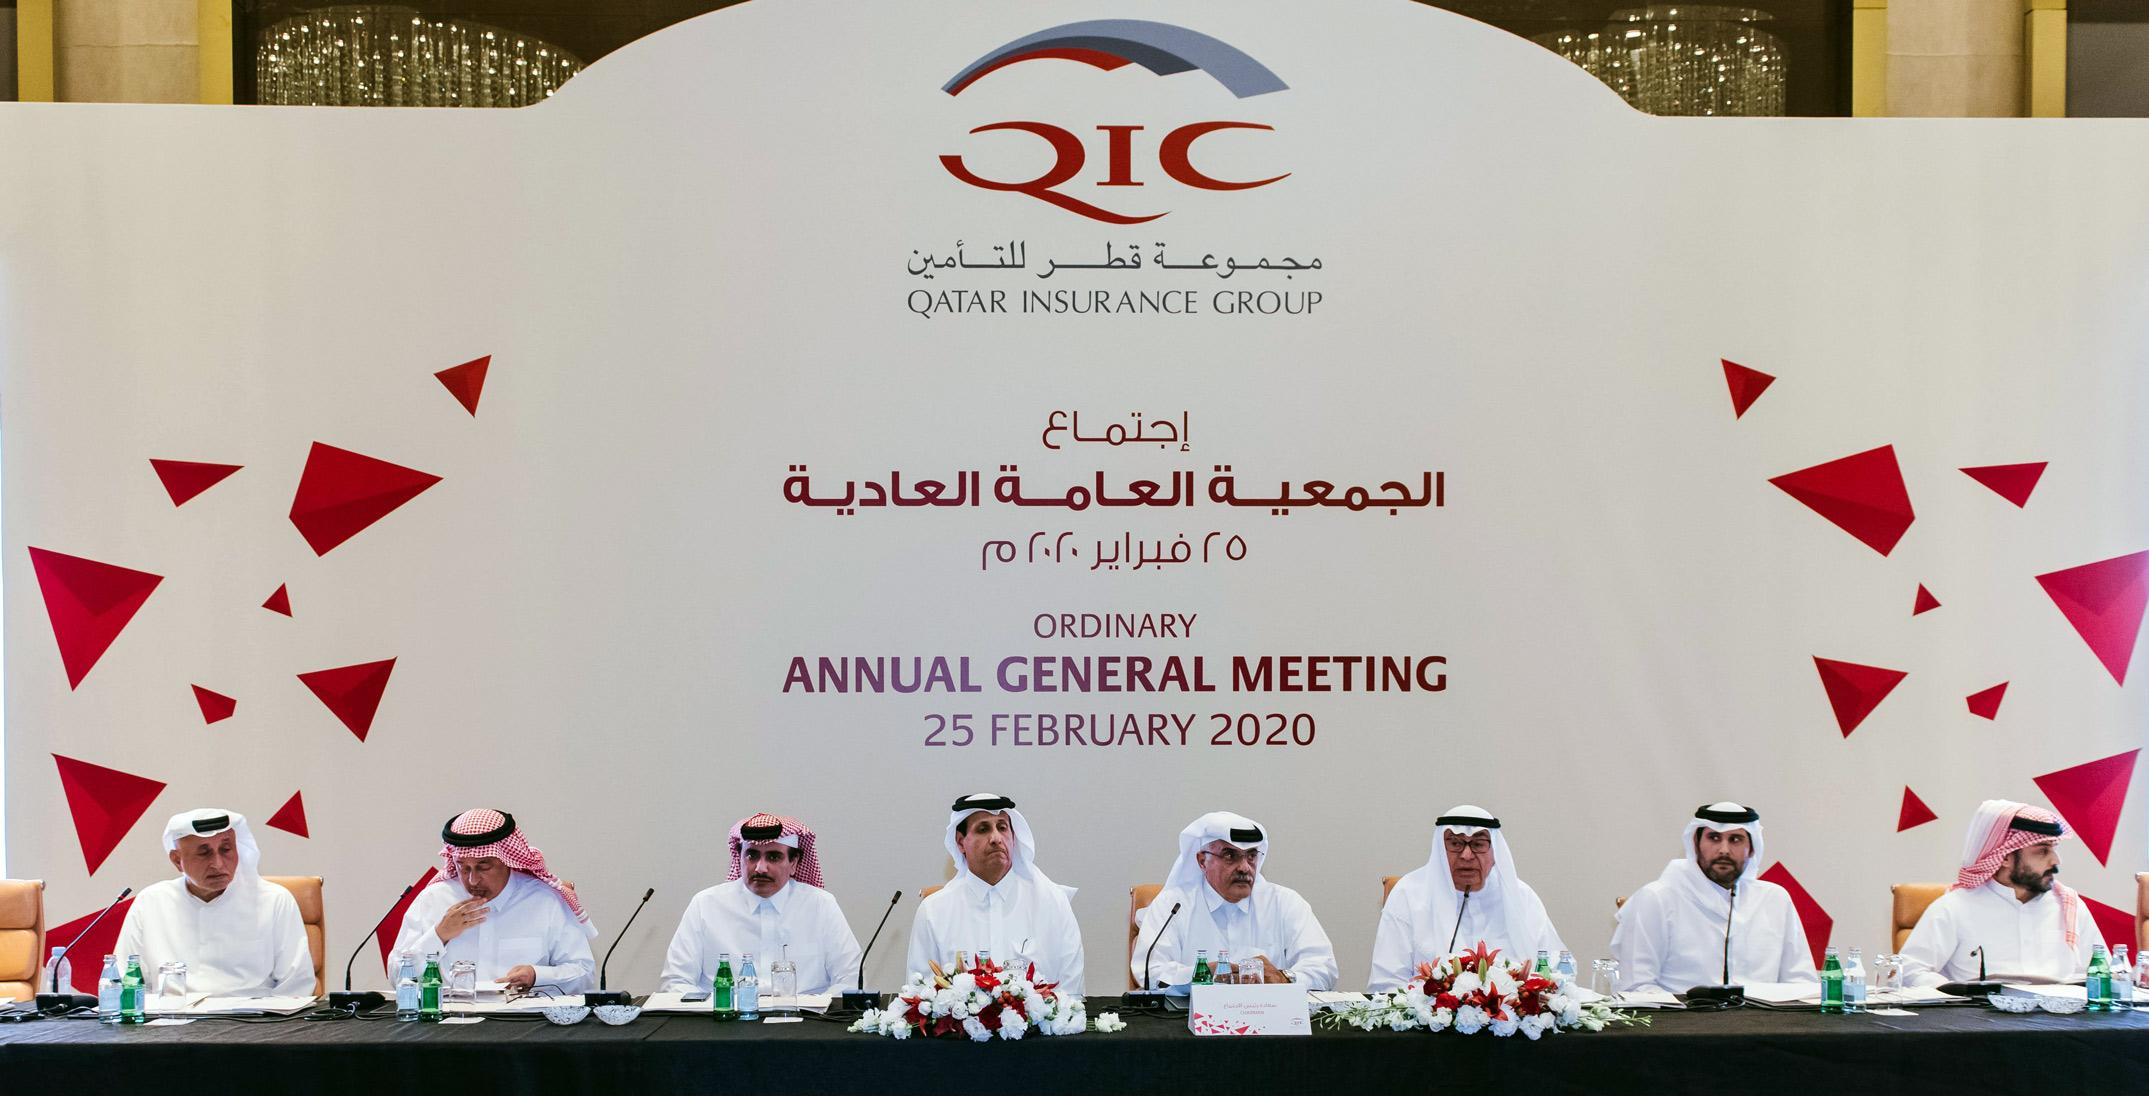 QIC-Qatar